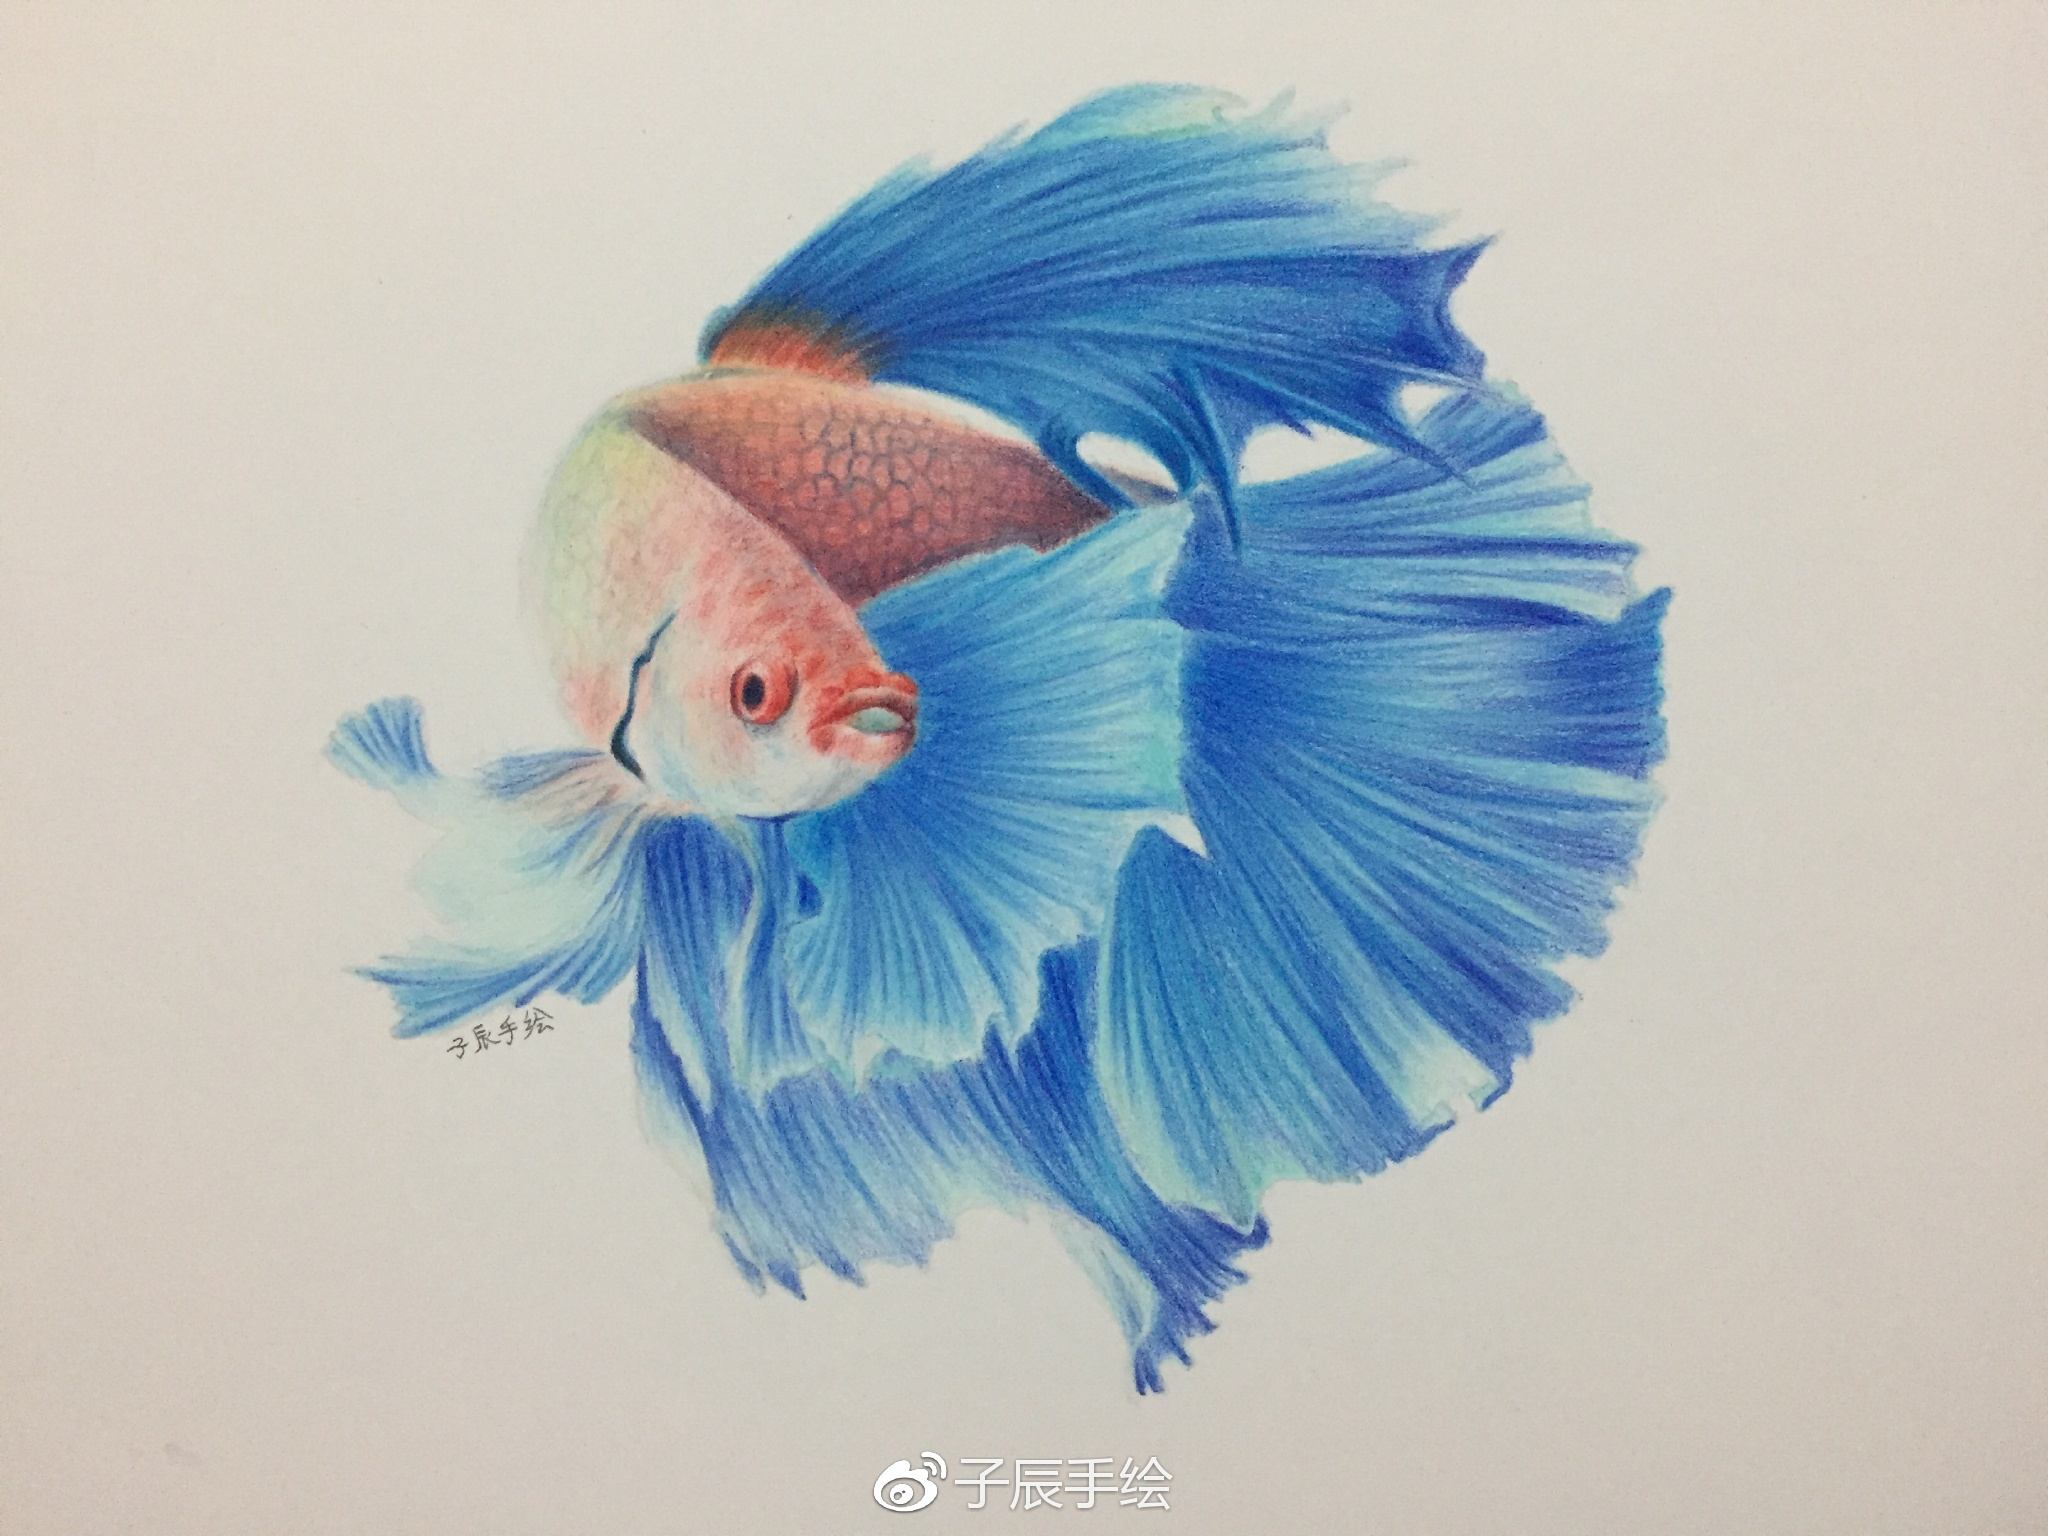 彩铅教程 | 斗鱼 (子辰手绘)